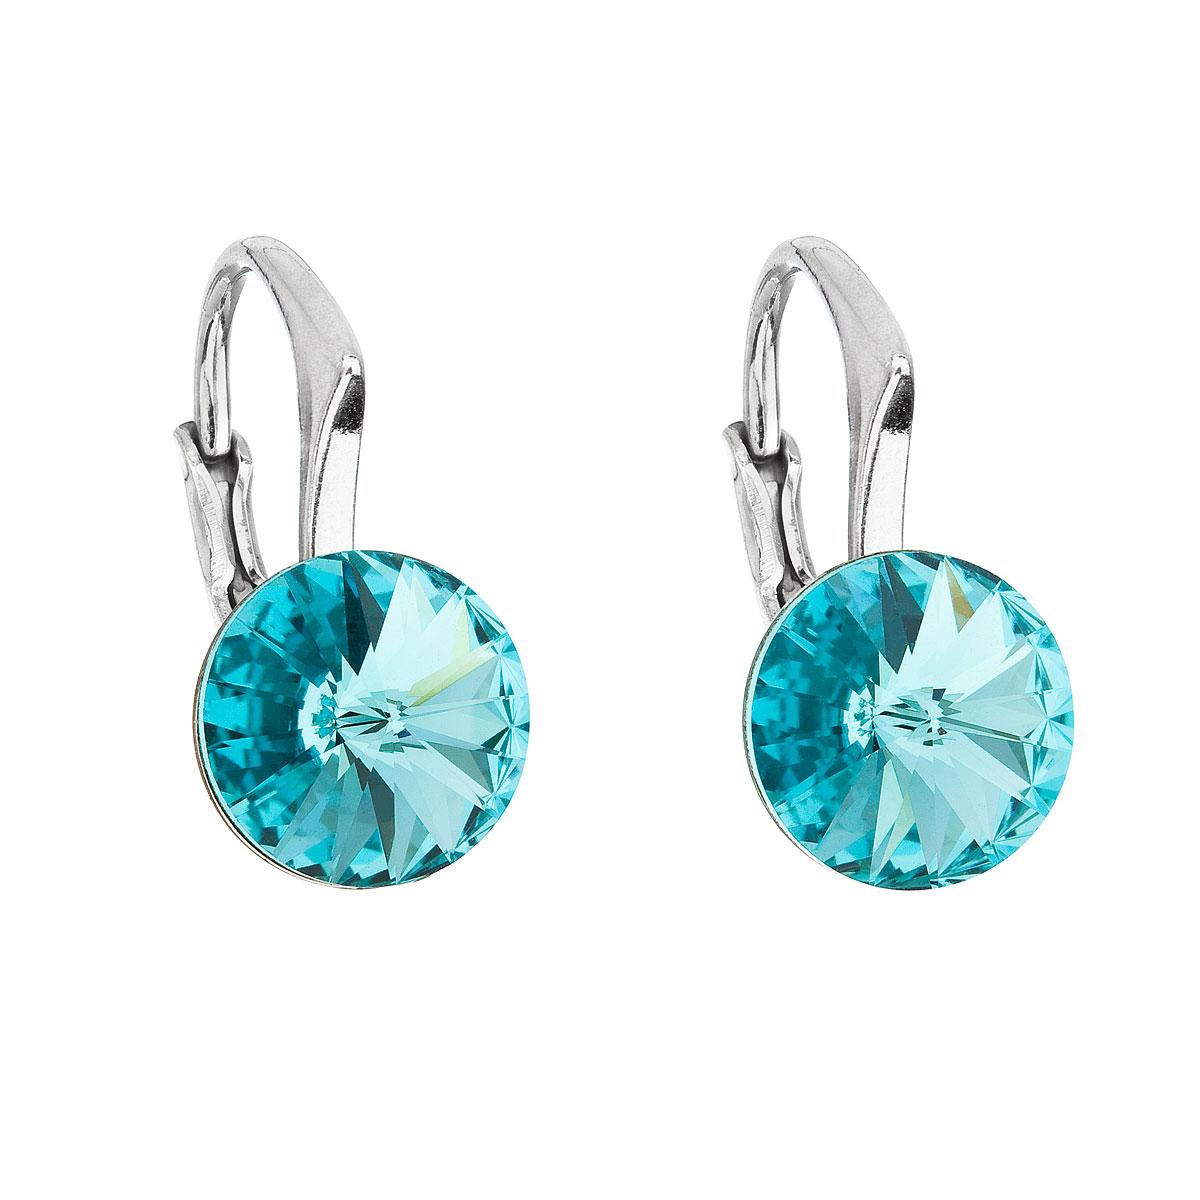 Evolution Group Stříbrné náušnice visací s krystaly Swarovski modré kulaté 31229.3 light turquoise